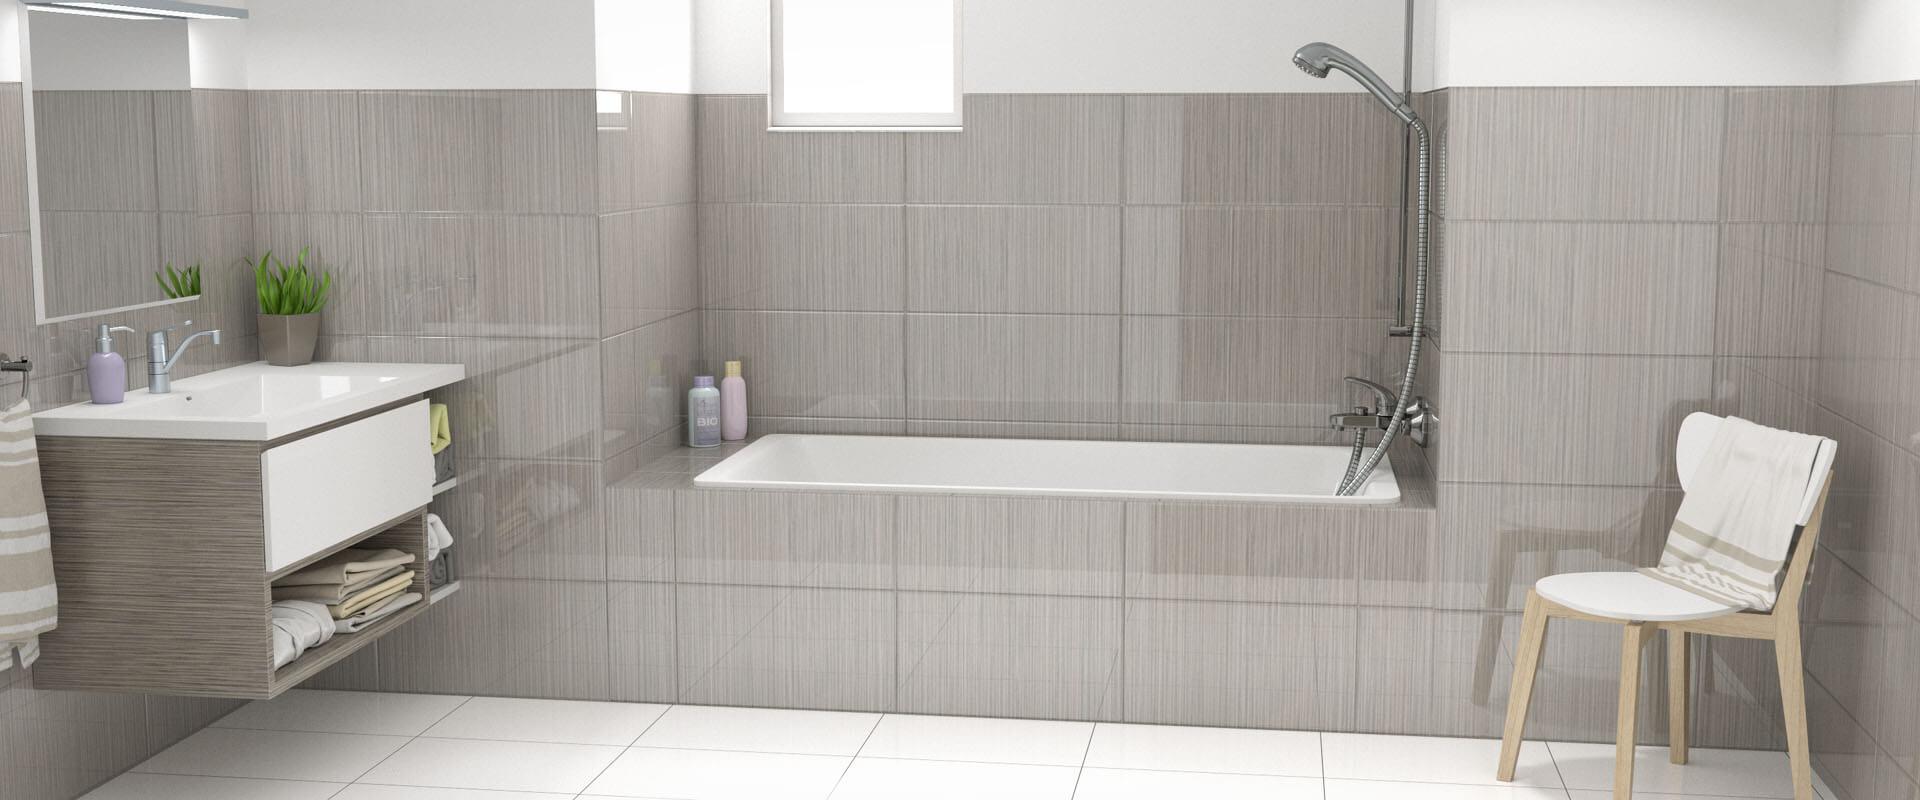 une douche senior pour remplacer votre baignoire viva douche. Black Bedroom Furniture Sets. Home Design Ideas